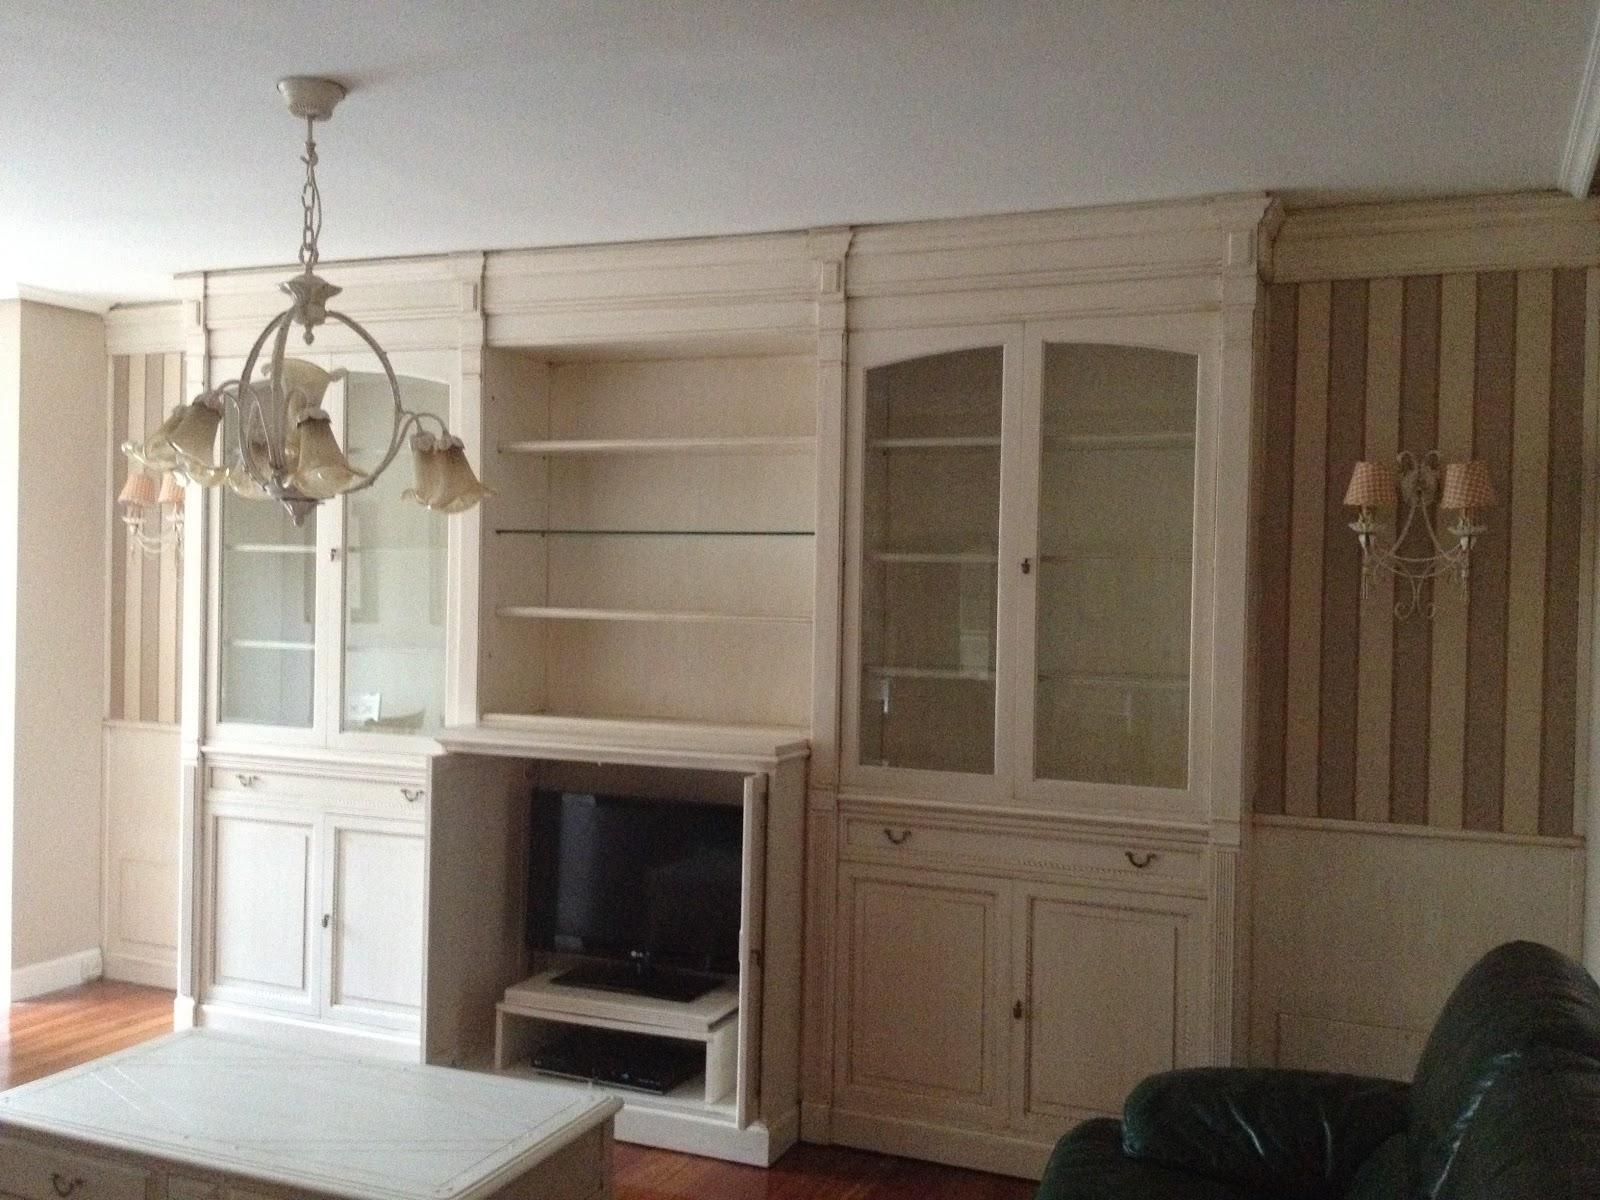 Recikla arte salon reciclado y renovado paso a paso for Lacar muebles en blanco